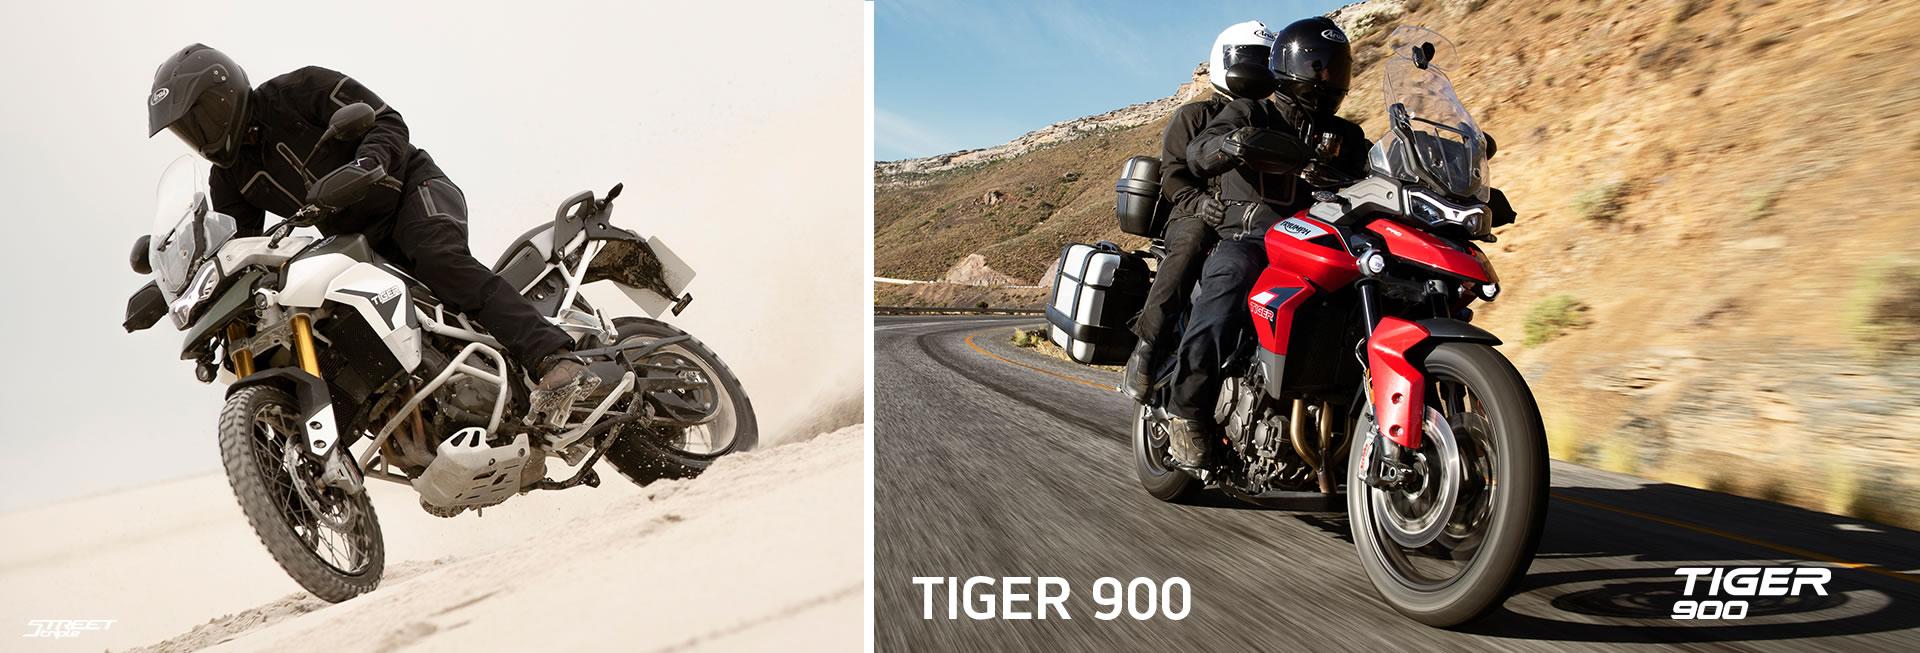 TIGER900